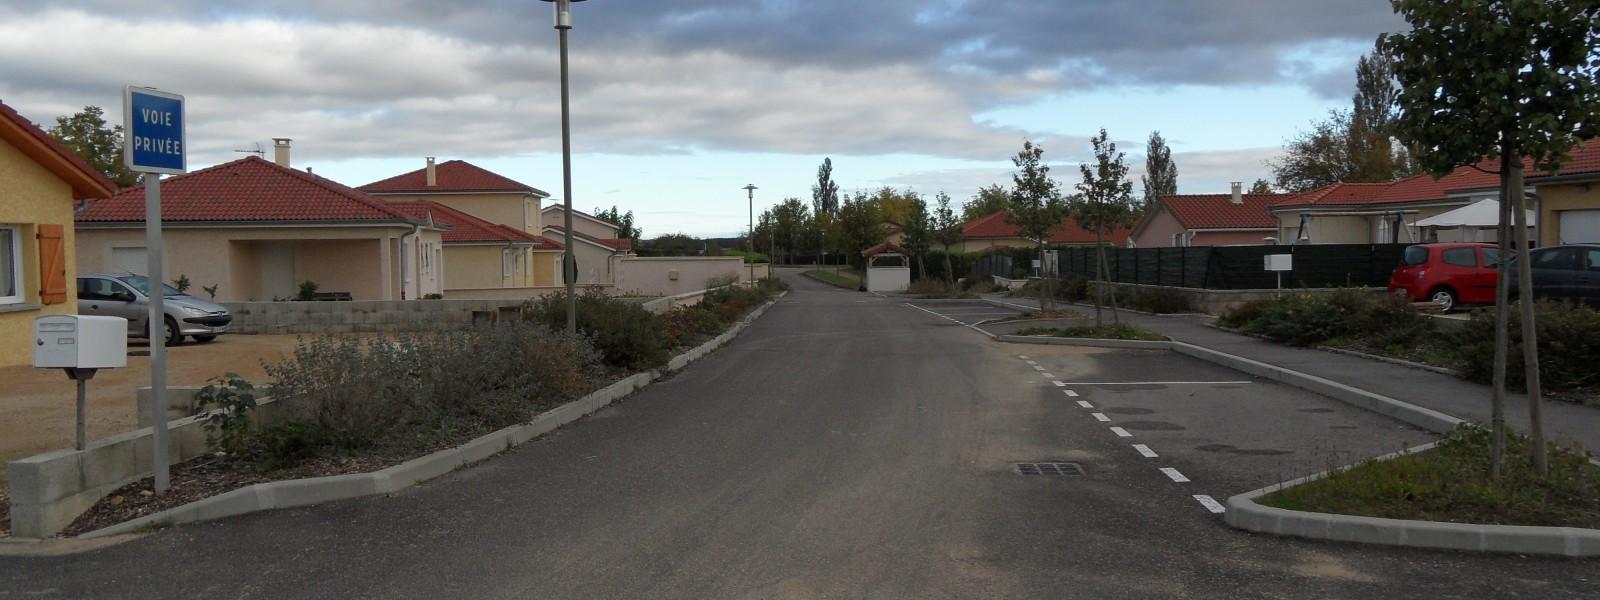 LES PIVOINES - Visuel 2 - Impact immobilier 01